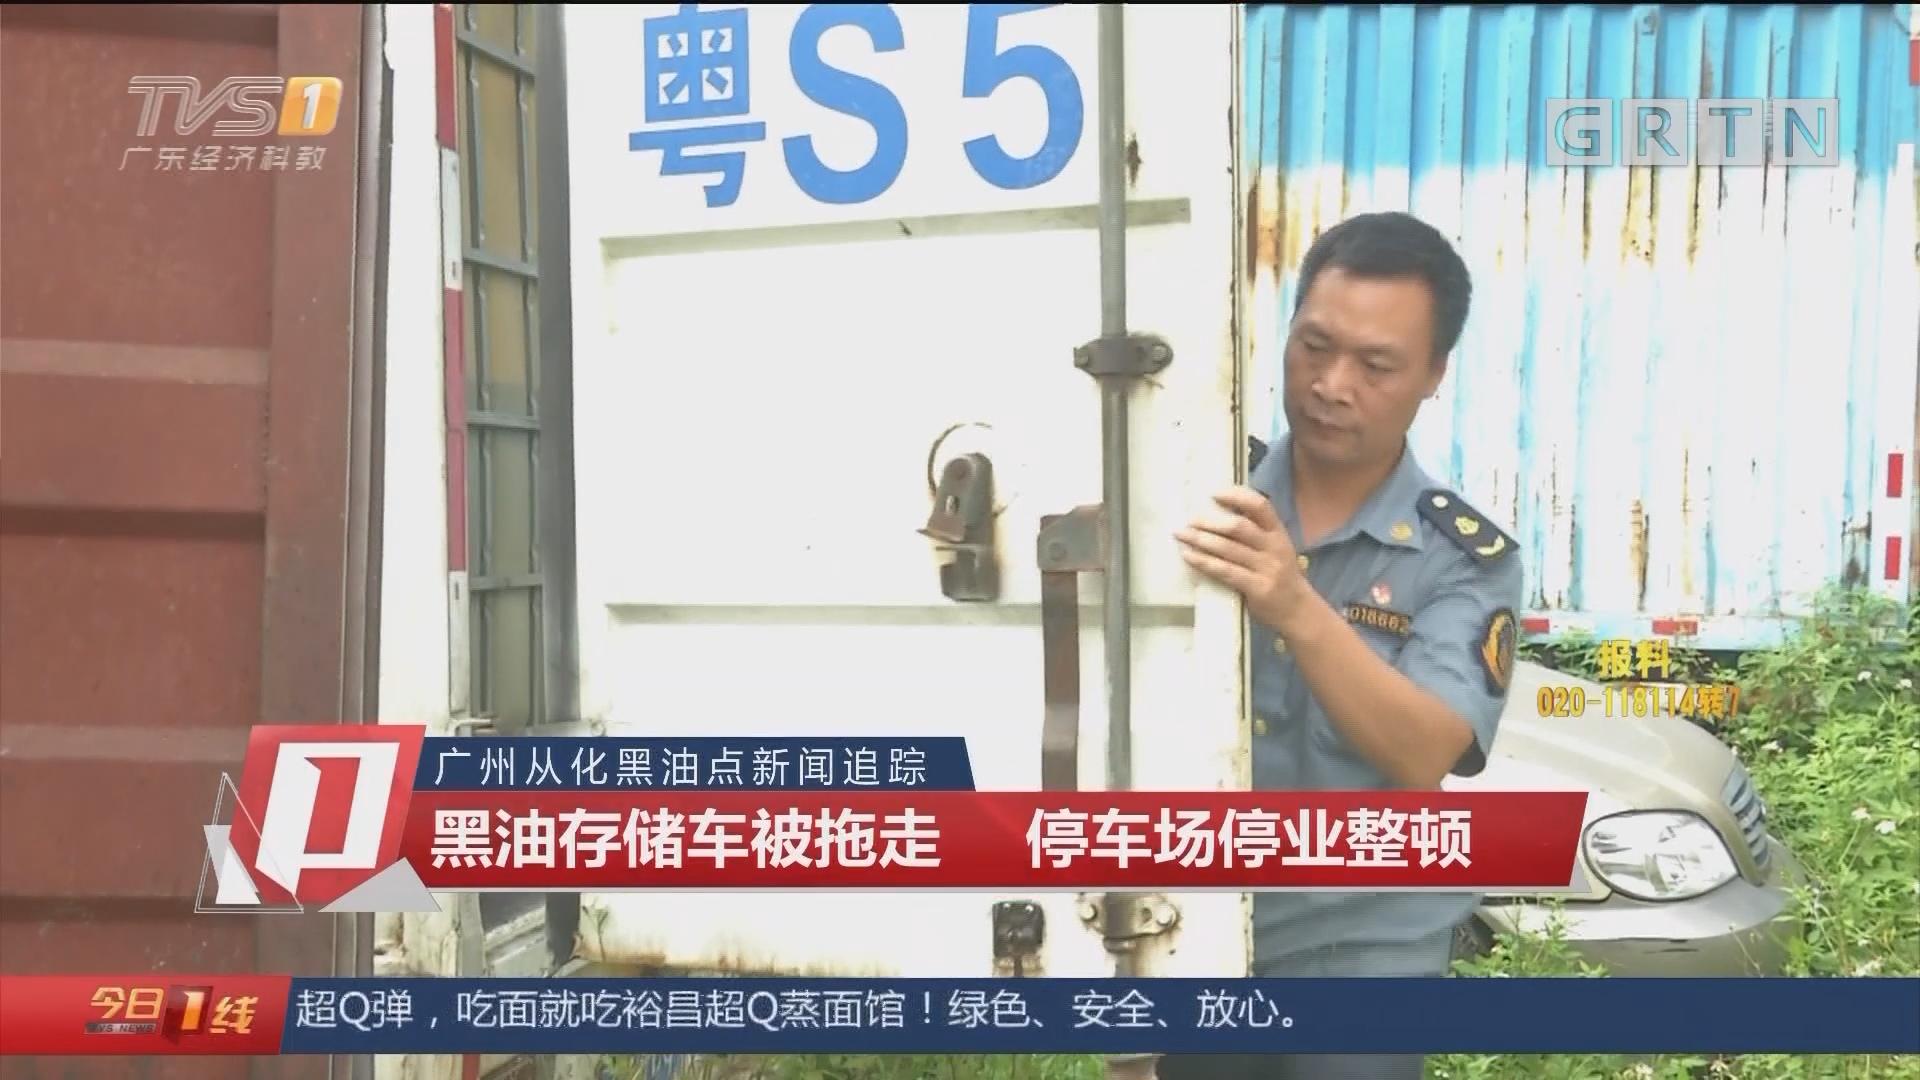 广州从化黑油点新闻追踪:黑油存储车被拖走 停车场停业整顿